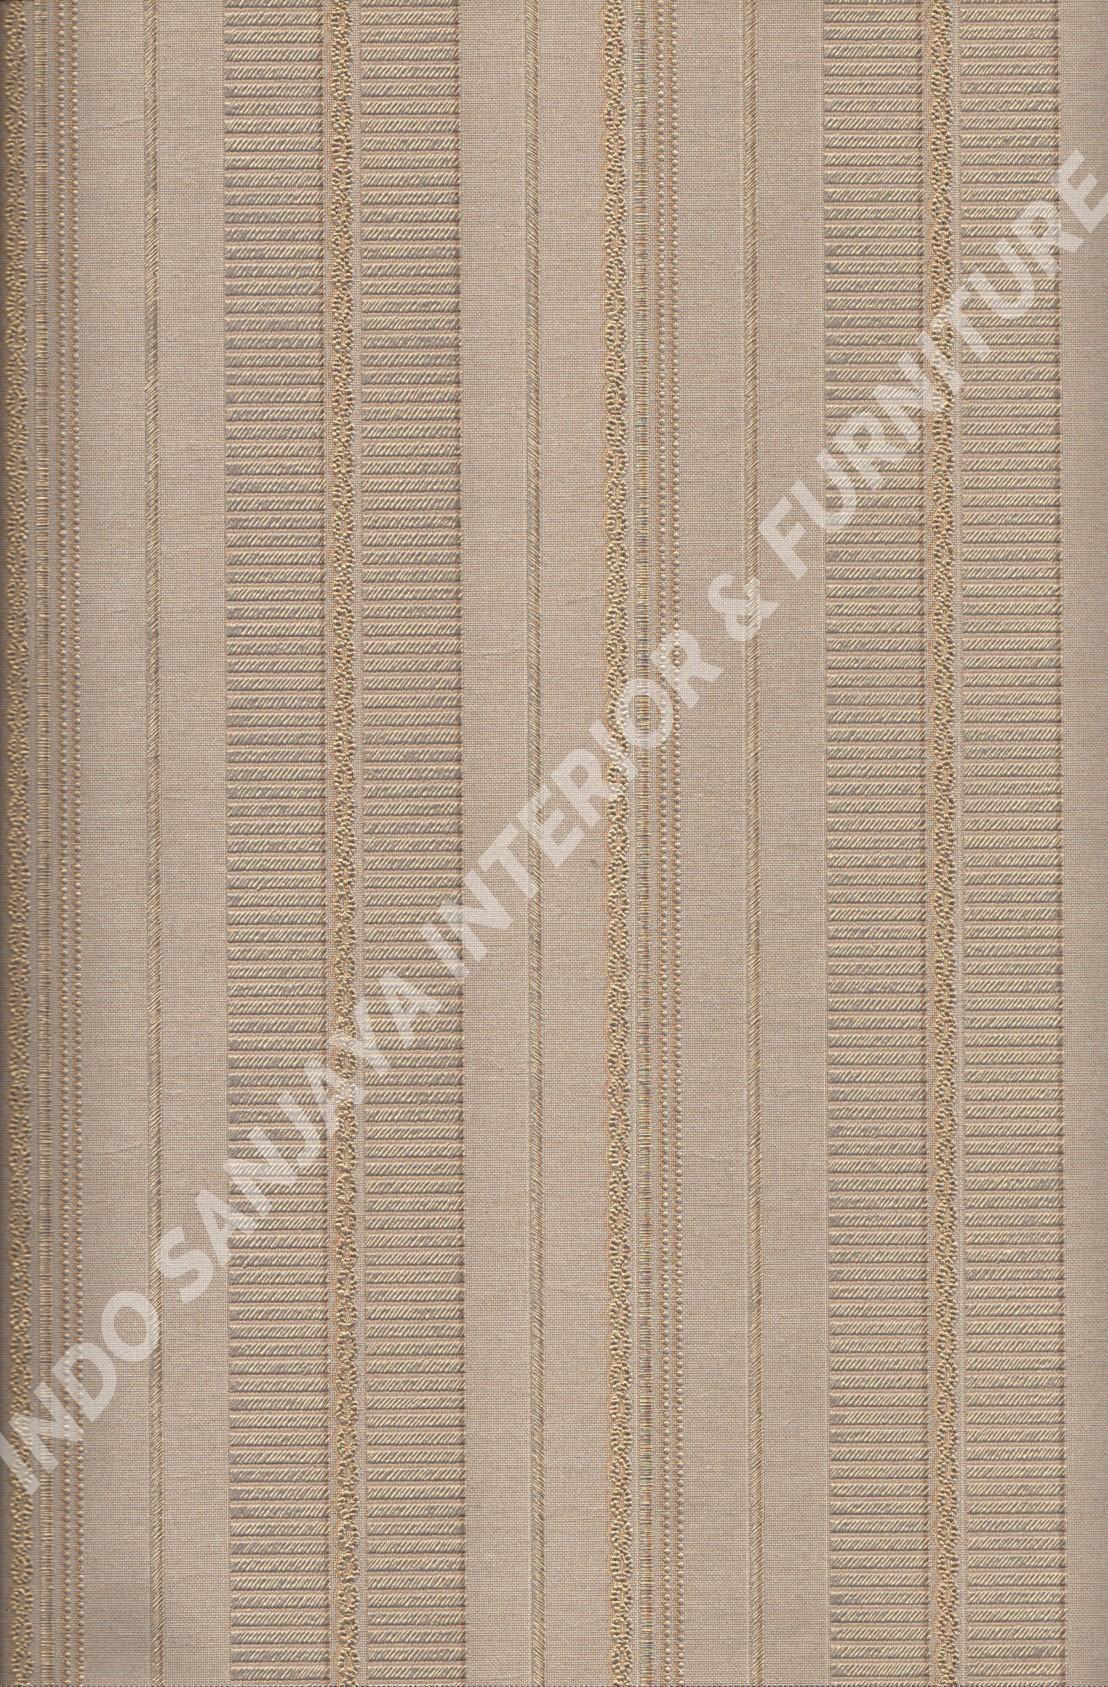 wallpaper   Wallpaper Garis 4004-5:4004-5 corak  warna